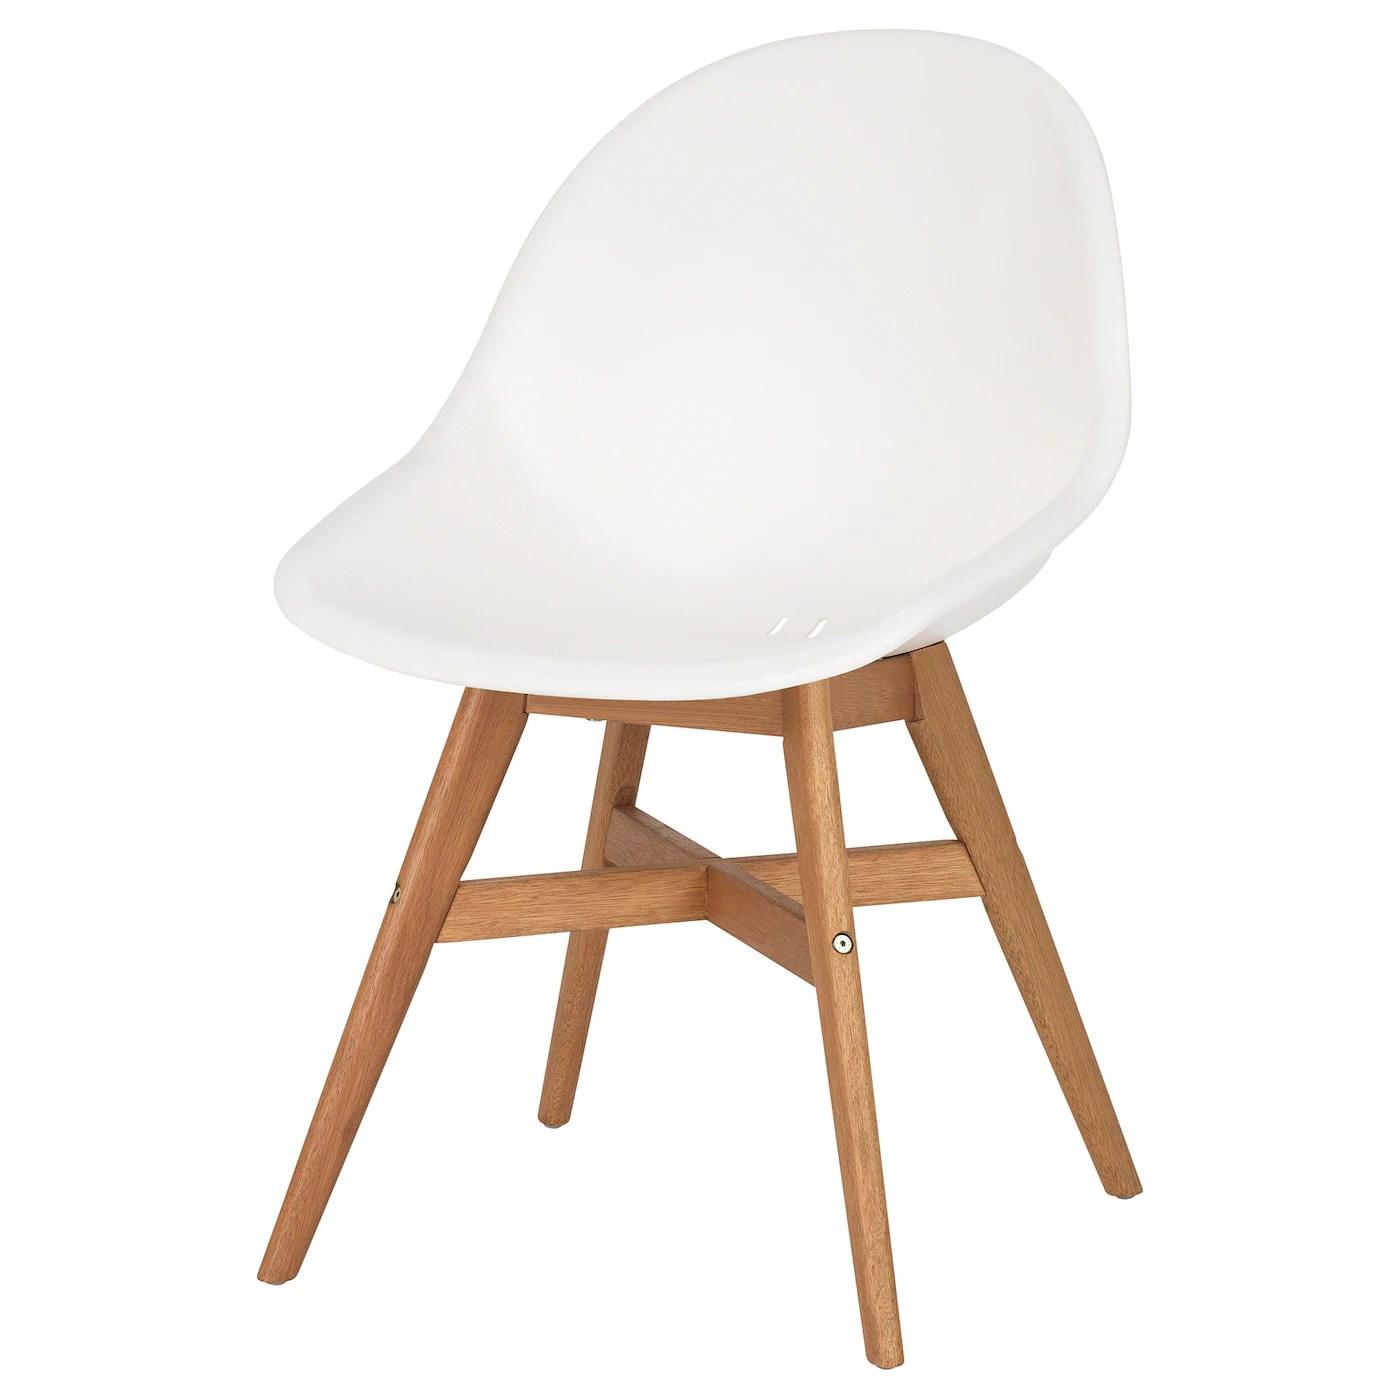 Una sedia pieghevole è la soluzione migliore per chi ha problemi di spazio oppure per chi non vuole trovasti sprovvisto di sedute in caso di ospiti o di grandi cenoni a casa a natale o capodanno con tutta la famiglia. Sedie Sala Da Pranzo Ikea It